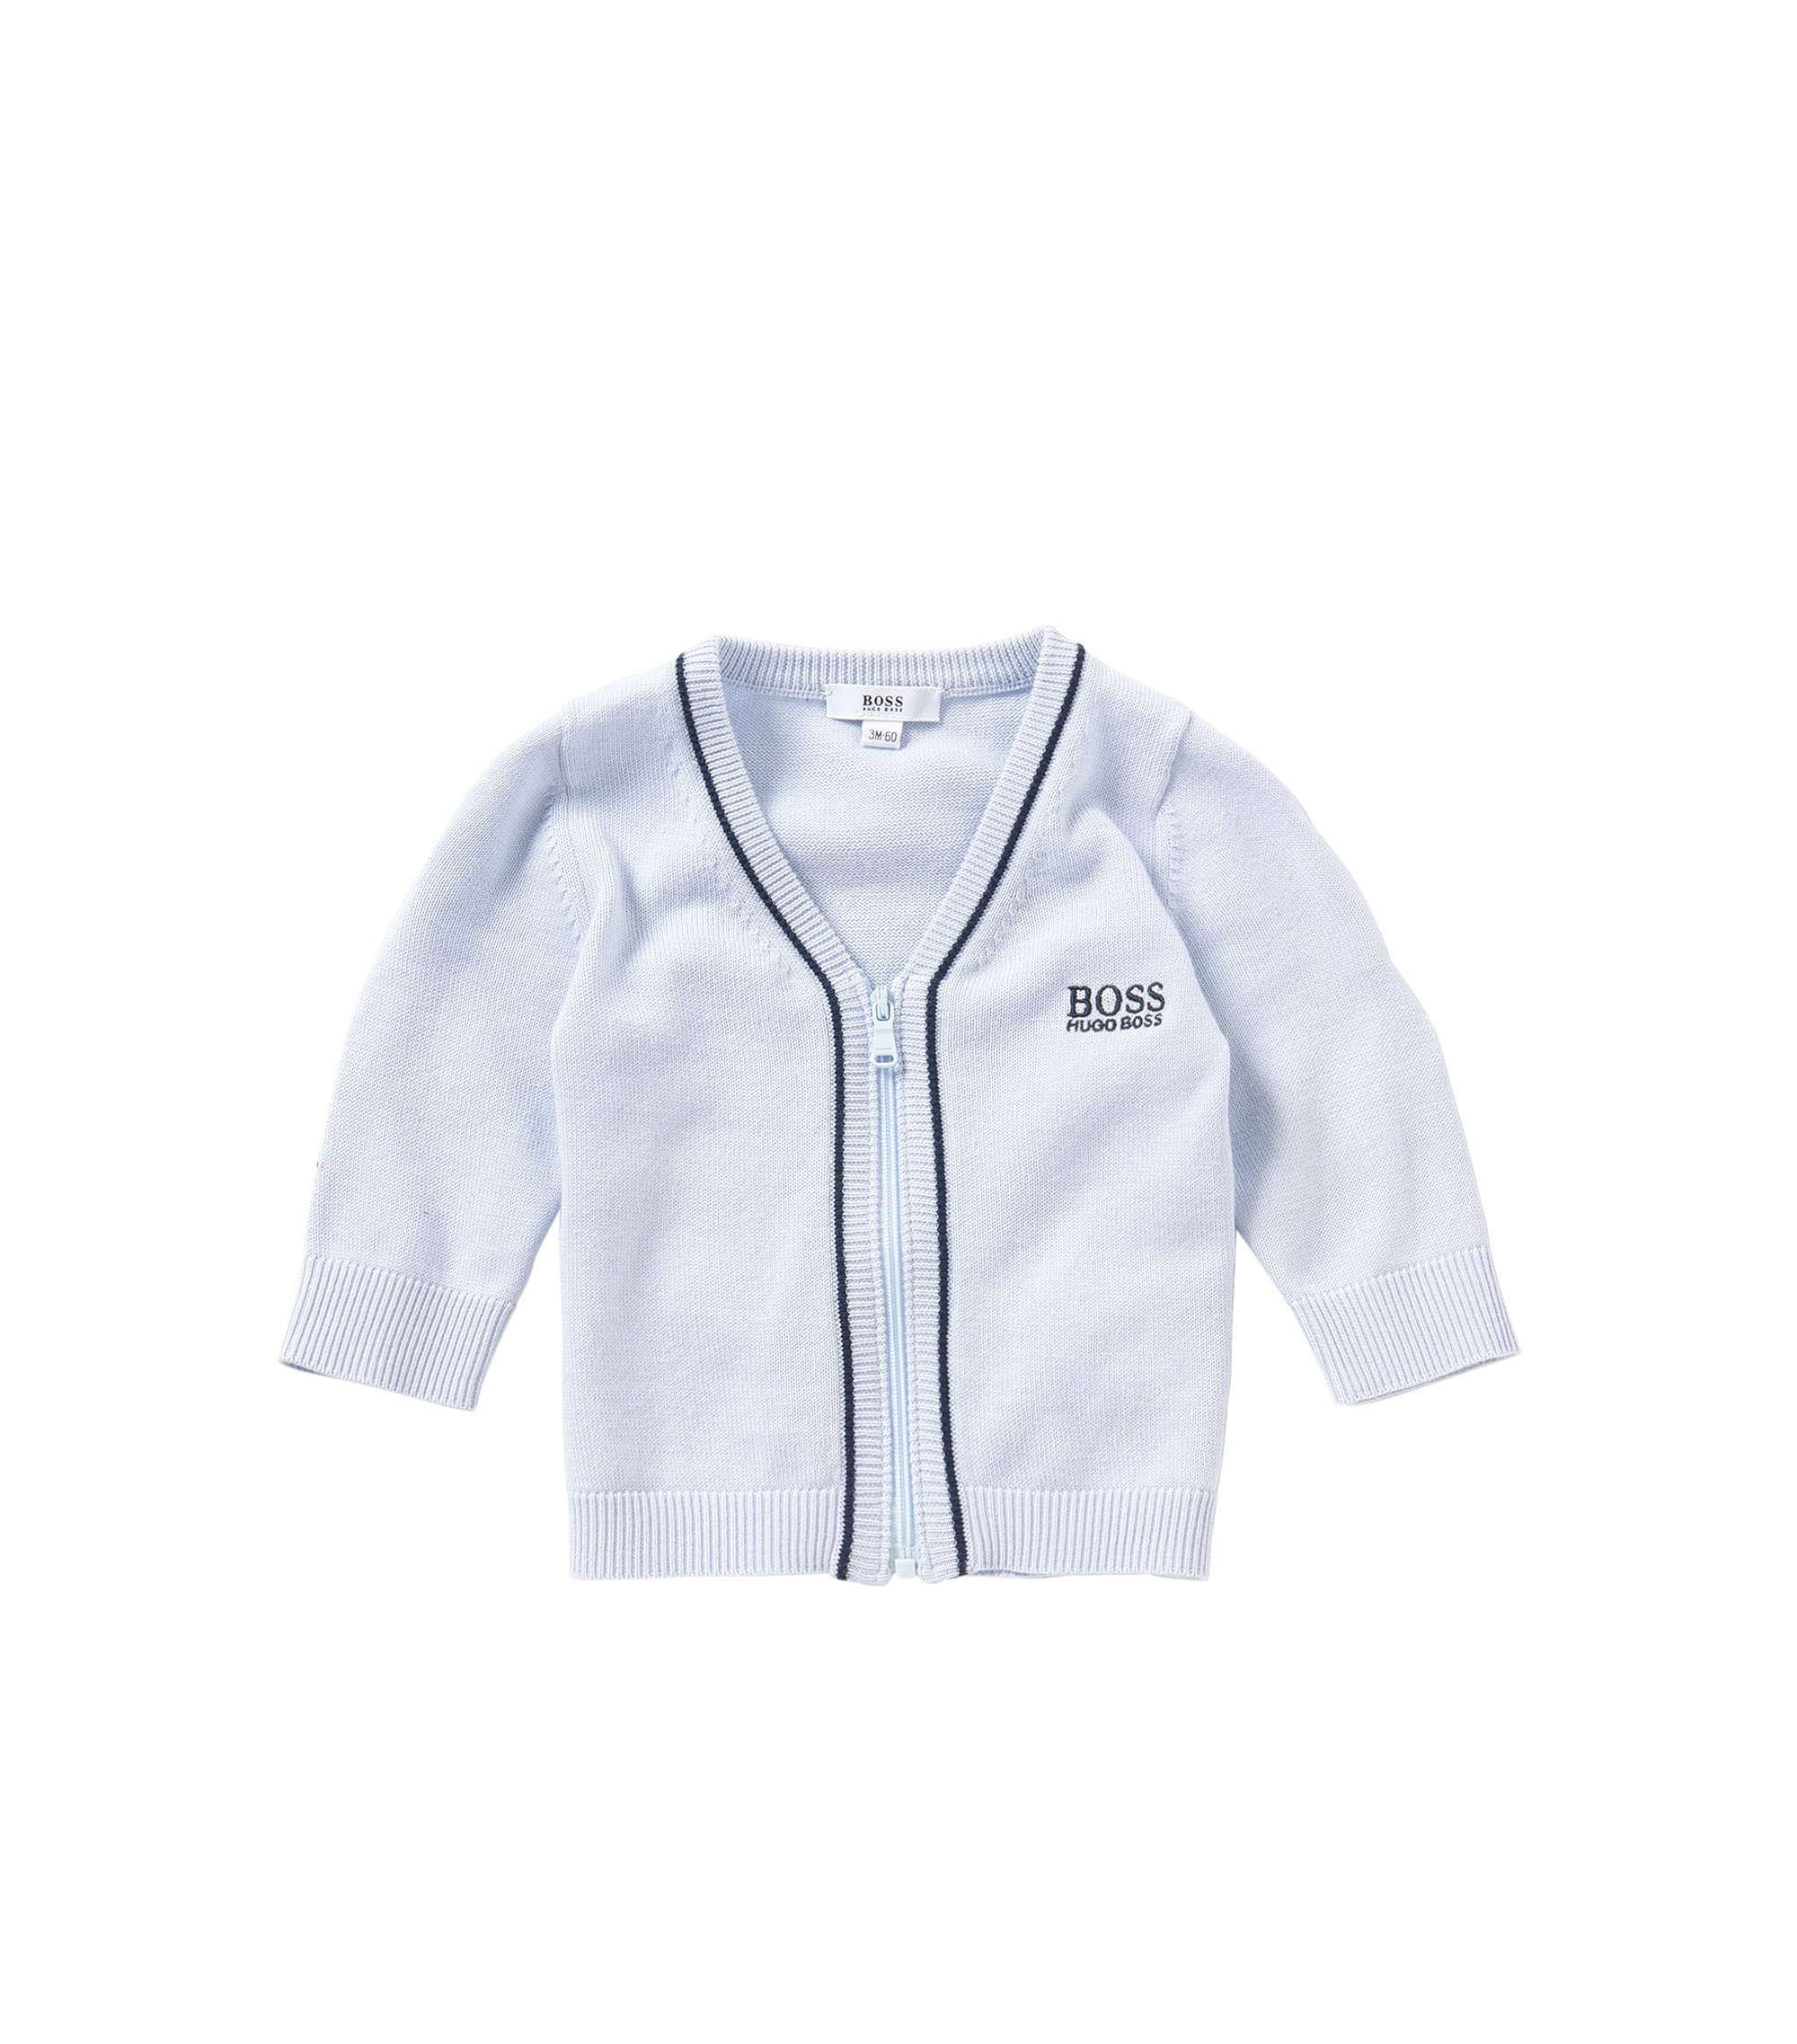 Chaqueta de punto para bebé en mezcla de algodón y modal con cremallera: 'J95195', Celeste